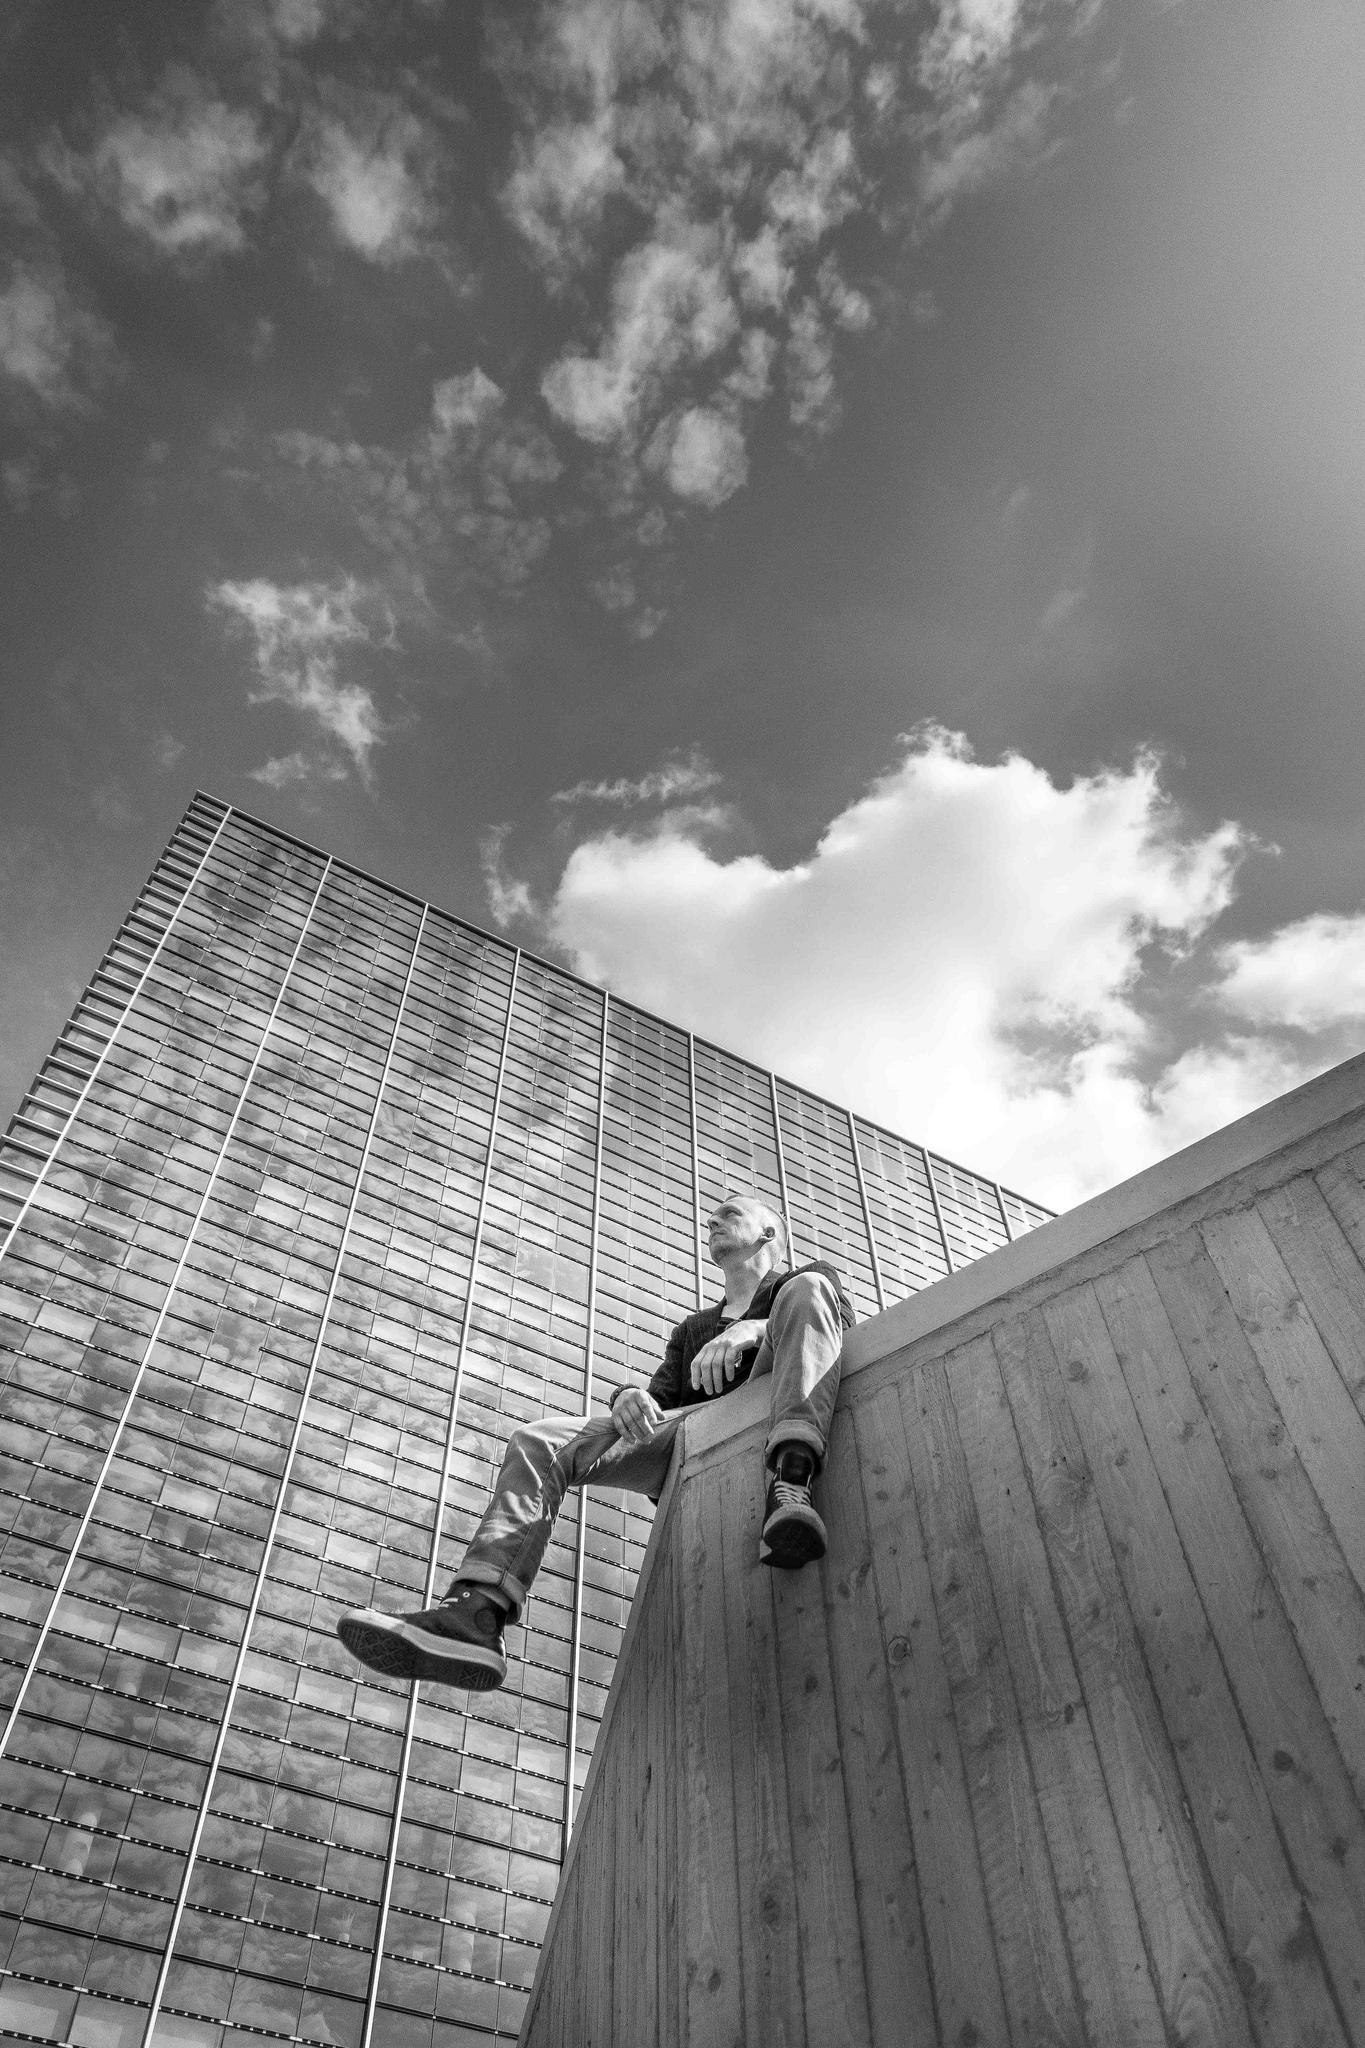 viewfinder-fotoshoot-winnaars-verjaardagswedstrijd-Gert-Angelique-65